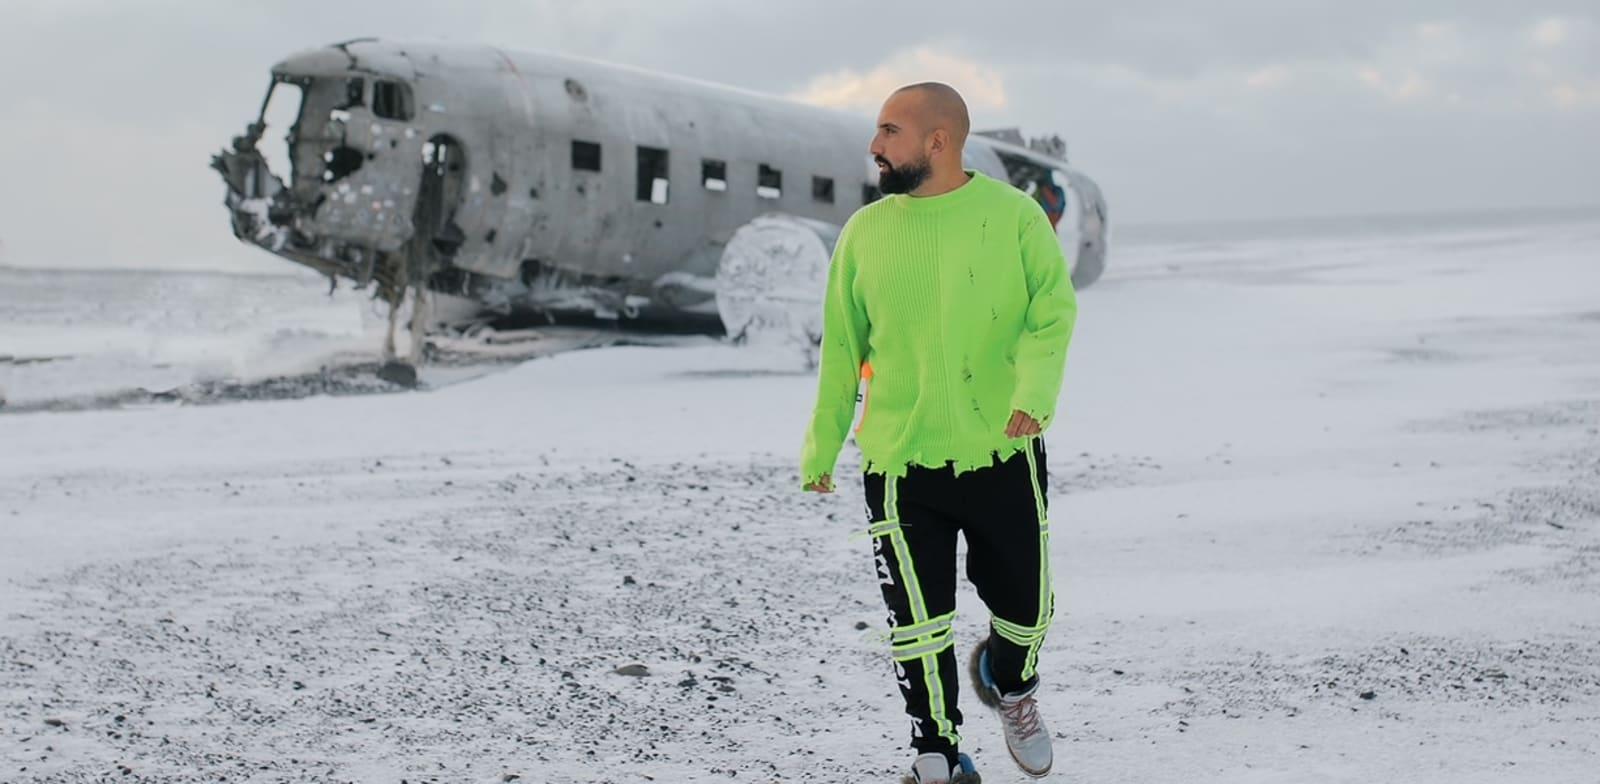 אתר התרסקות המטוס האמריקאי באיסלנד / צילום: אדיר אסארף, באדיבות חן עמר